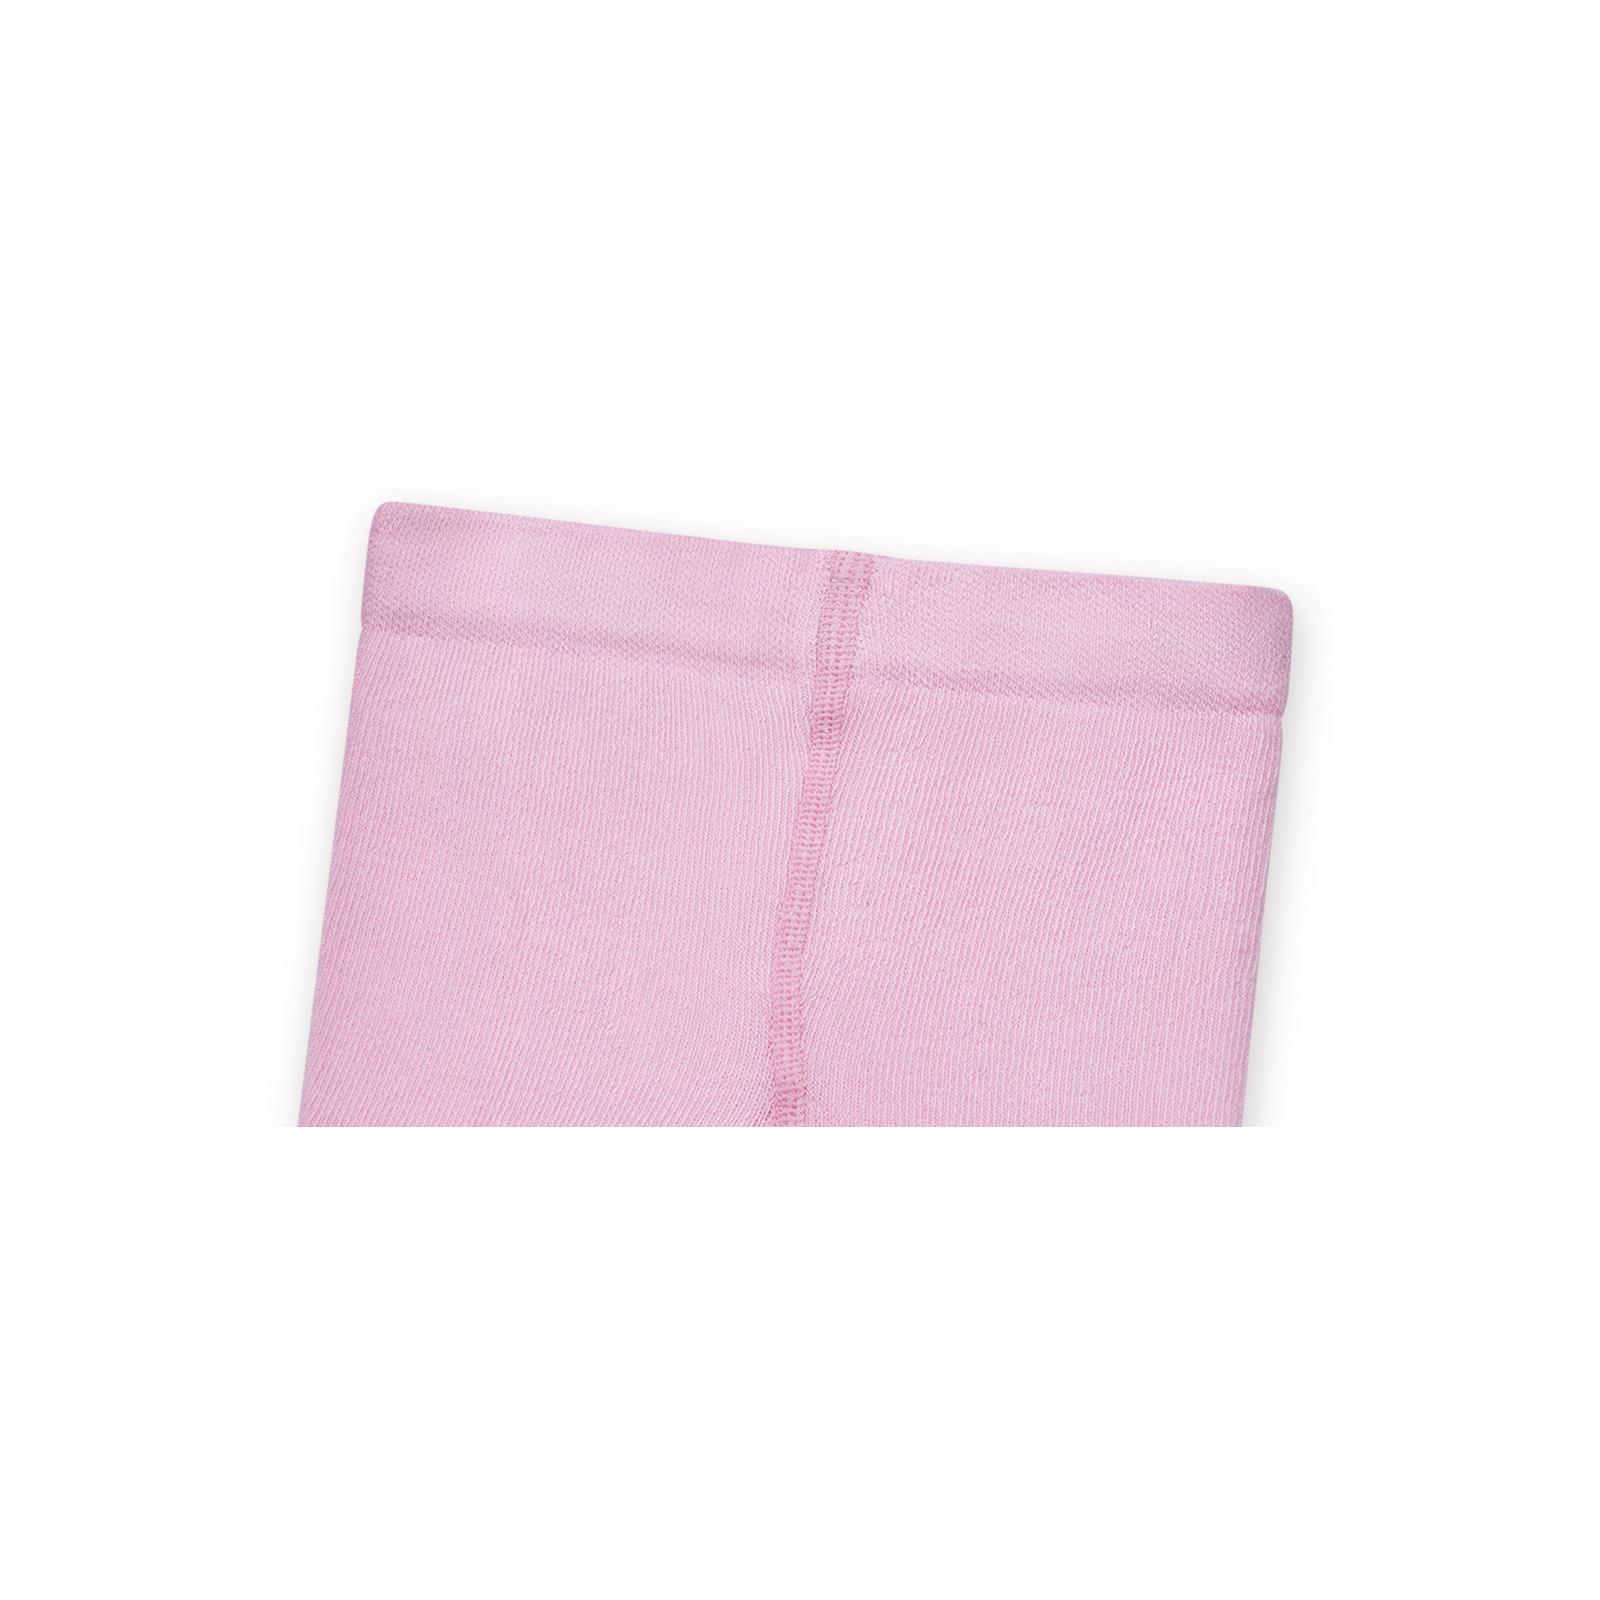 Колготки Bross с божьими коровками розовые (12194-5-7G-pink) изображение 3